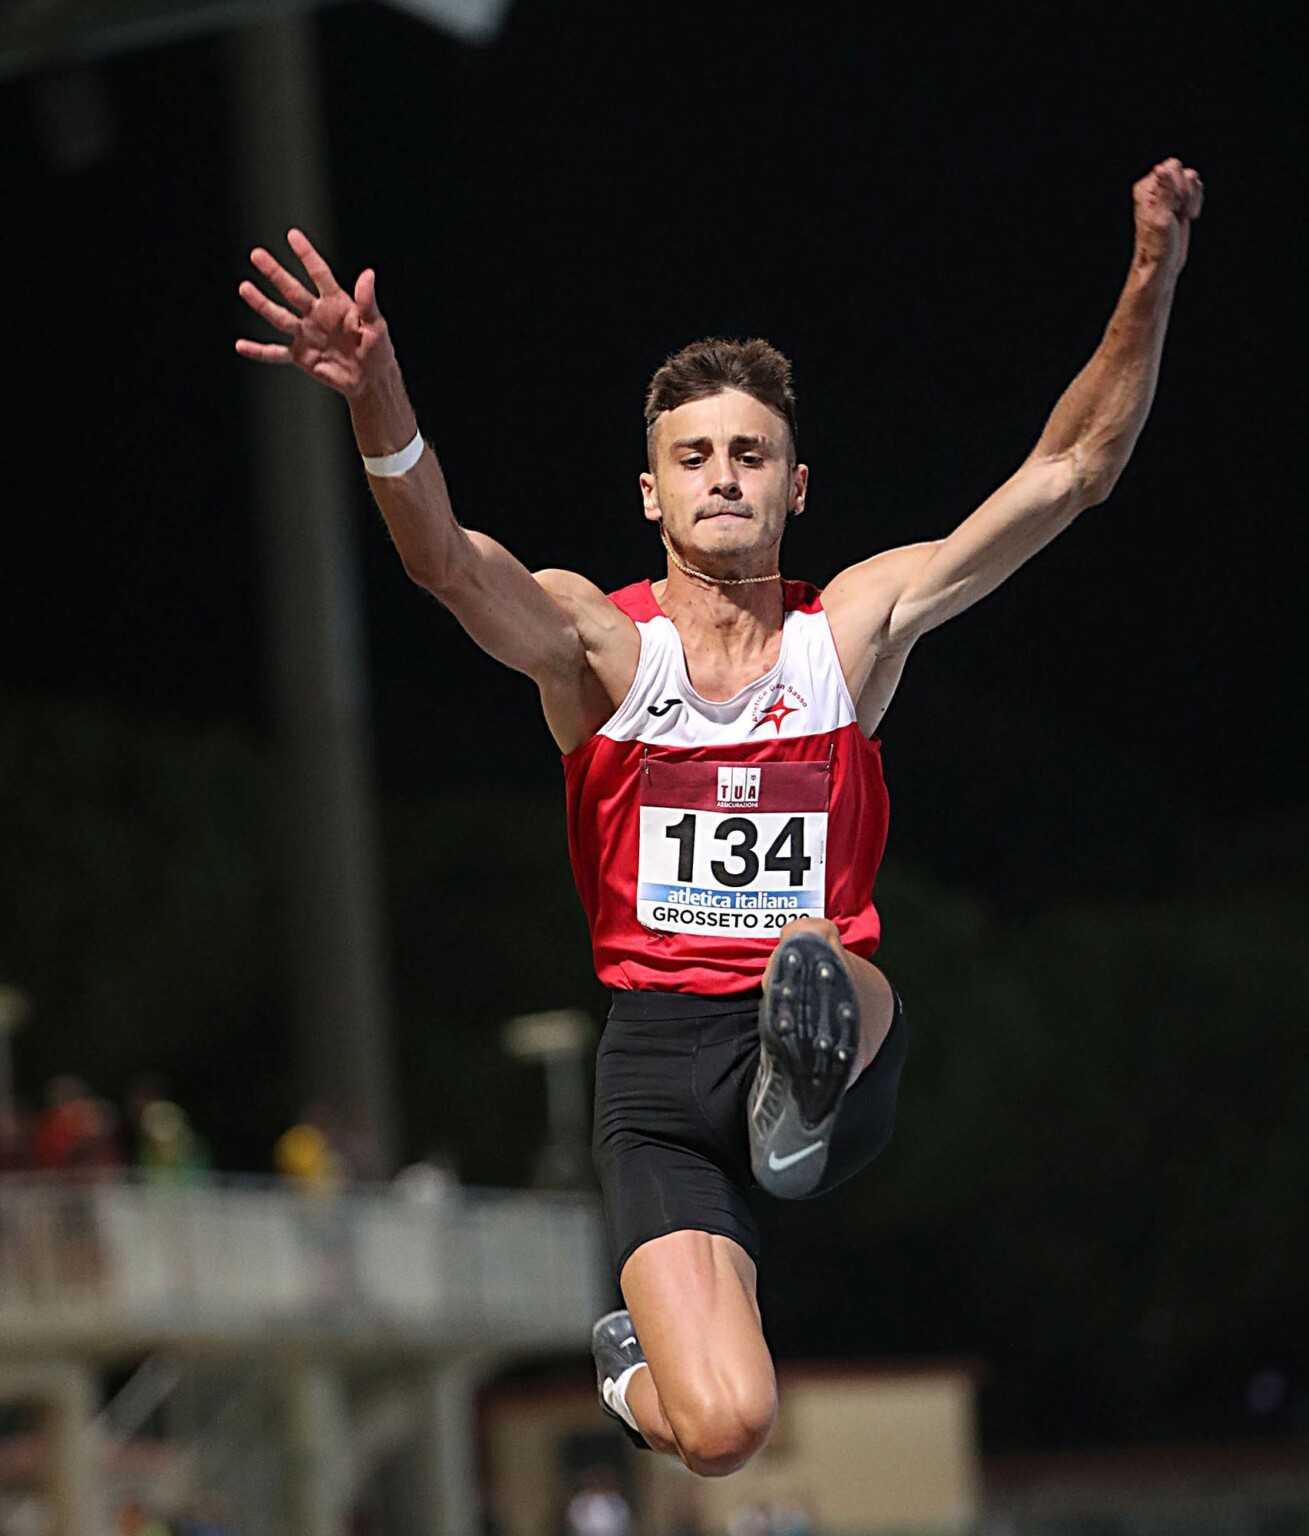 Atletica Gran Sasso, Lorenzo Mantenuto convocato al raduno nazionale salti